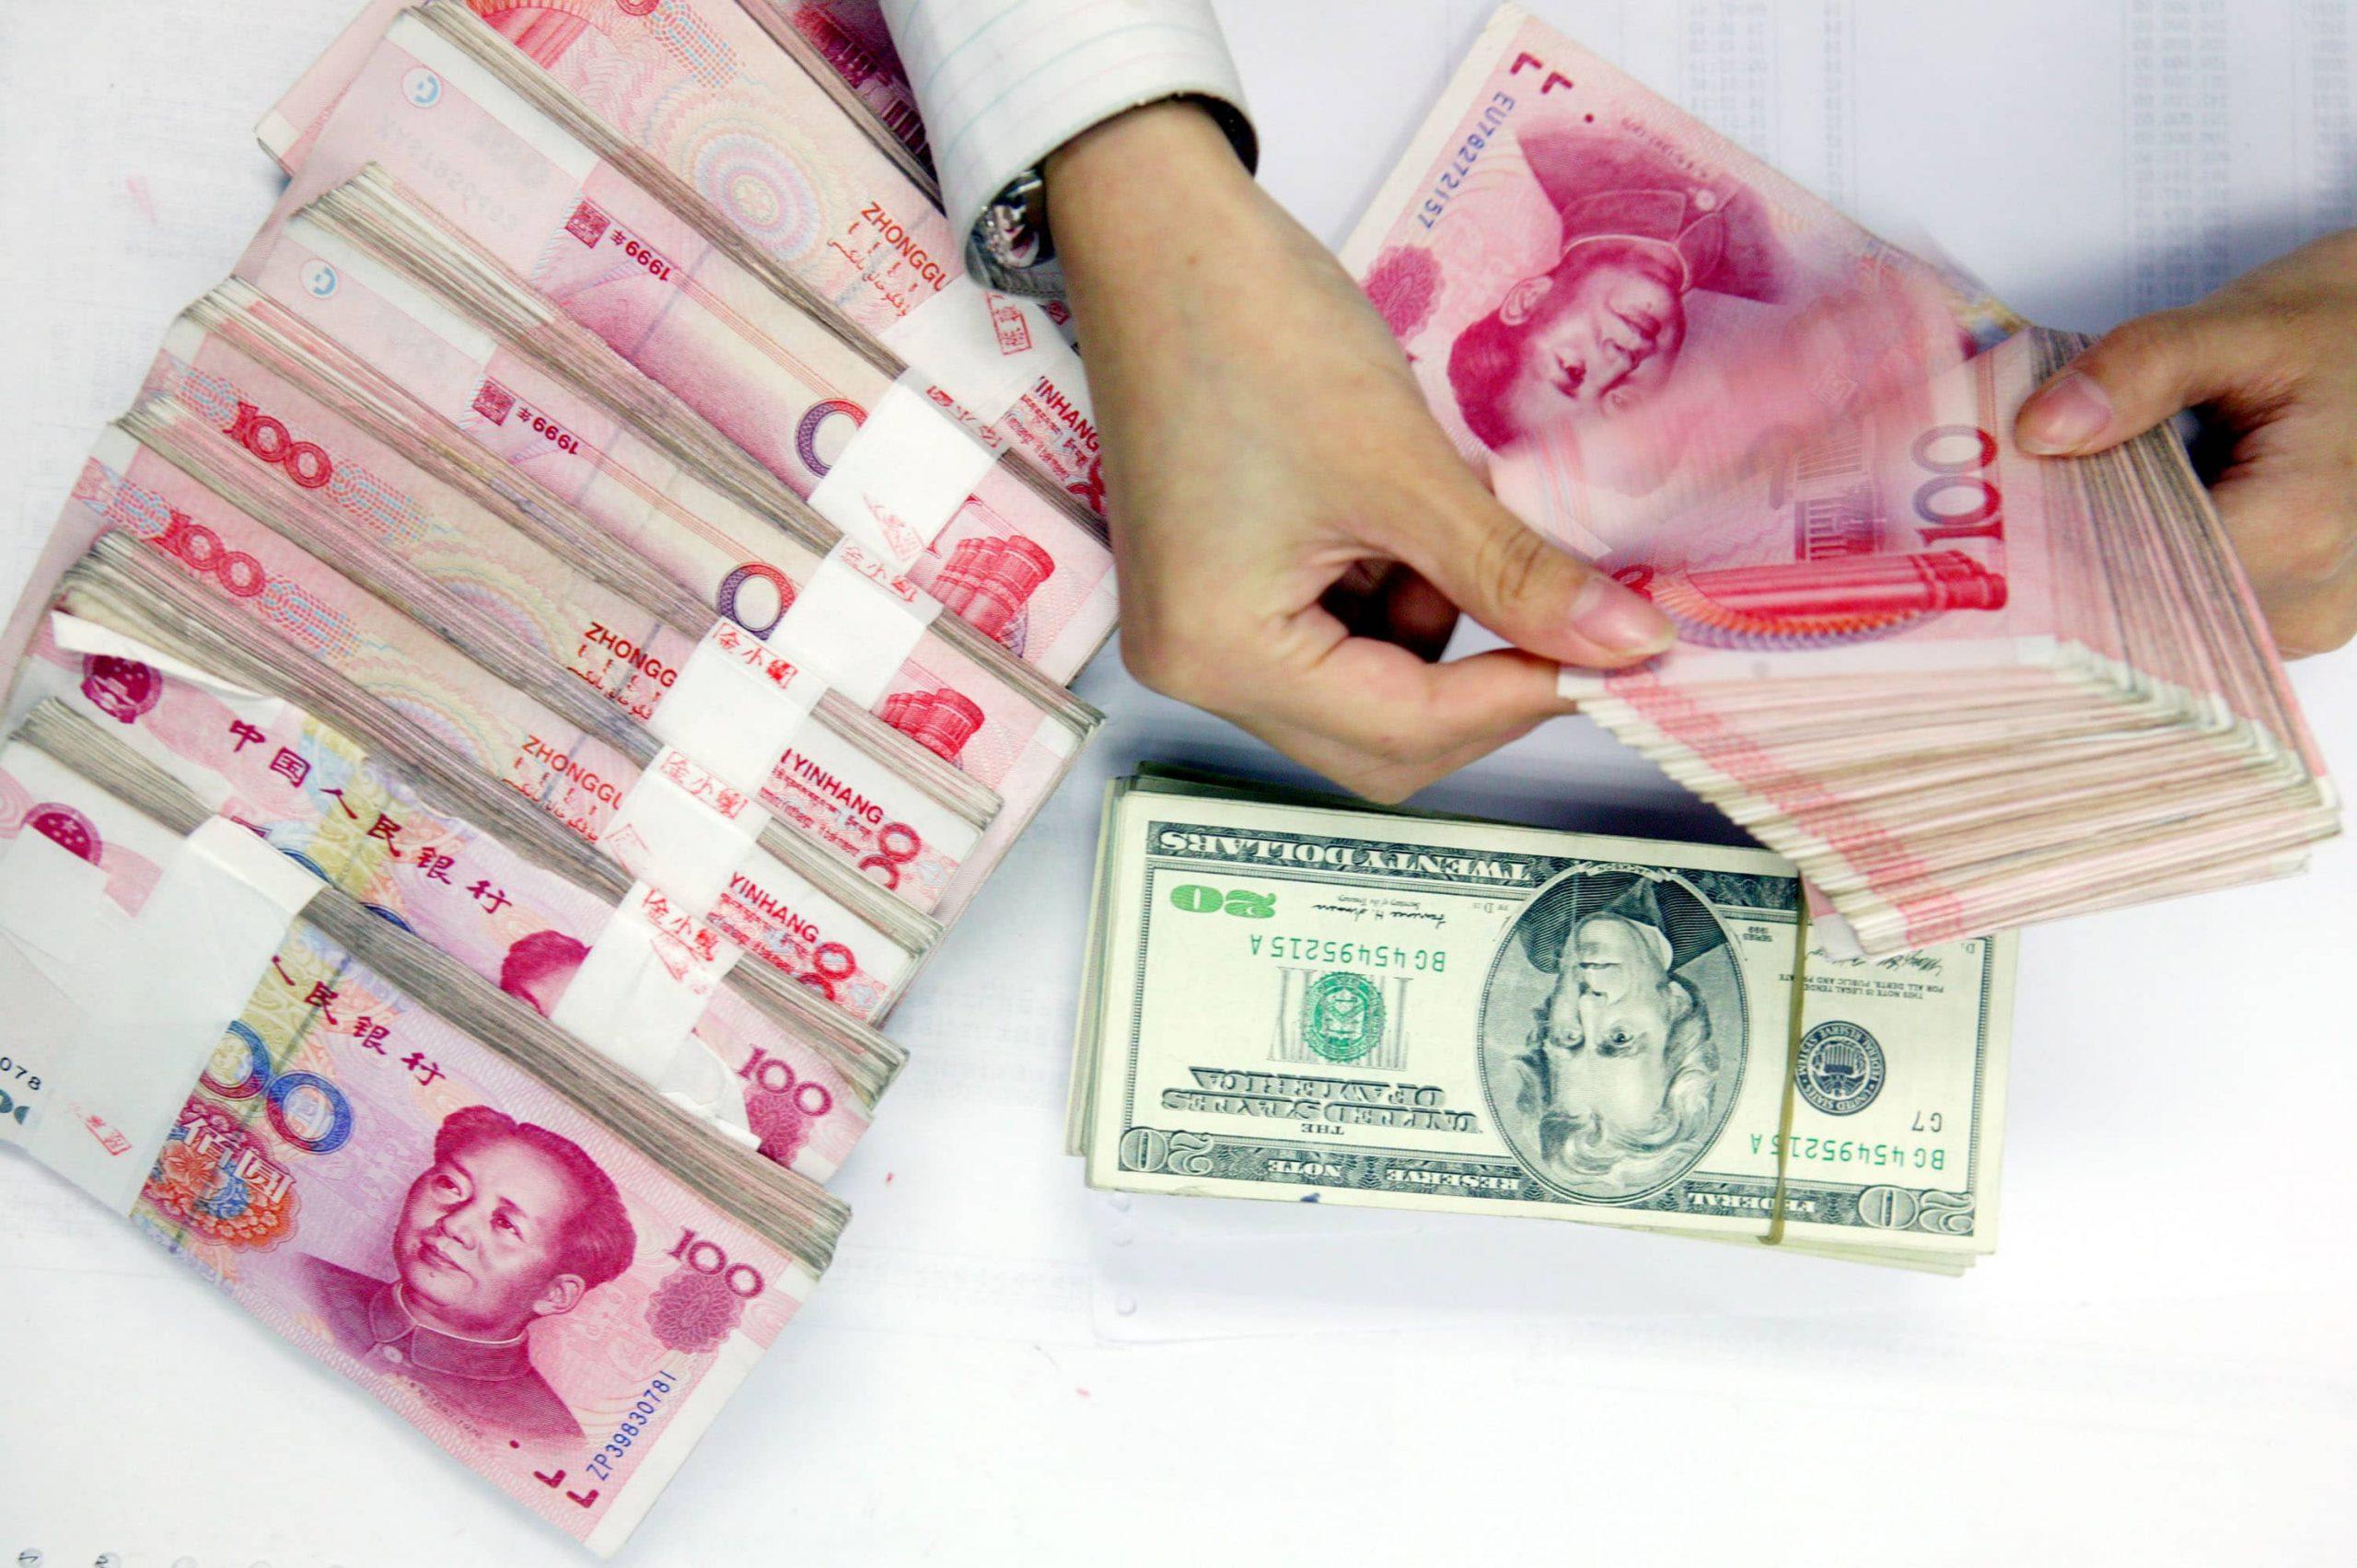 Economista chino utiliza discurso de apertura para discutir competencia con EE. UU.